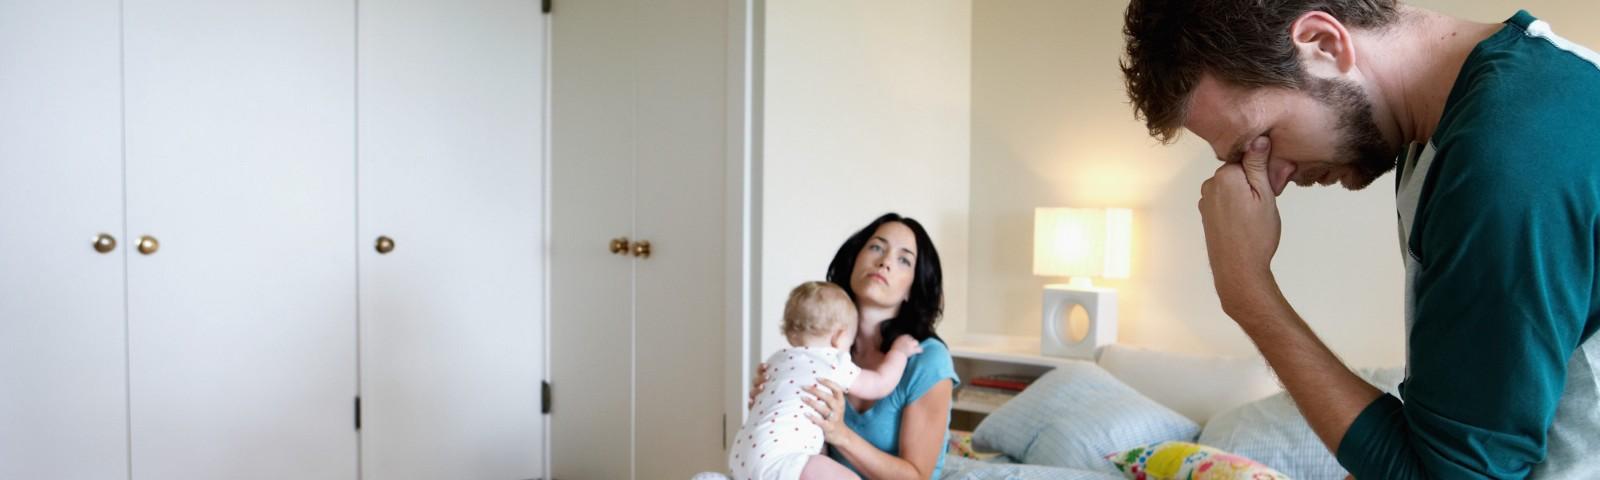 Послеродовая депрессия: симптомы и лечение. сколько длится и как от нее избавиться? что делать, если после родов женщина жалеет, что родила ребенка, как справиться самостоятельно?